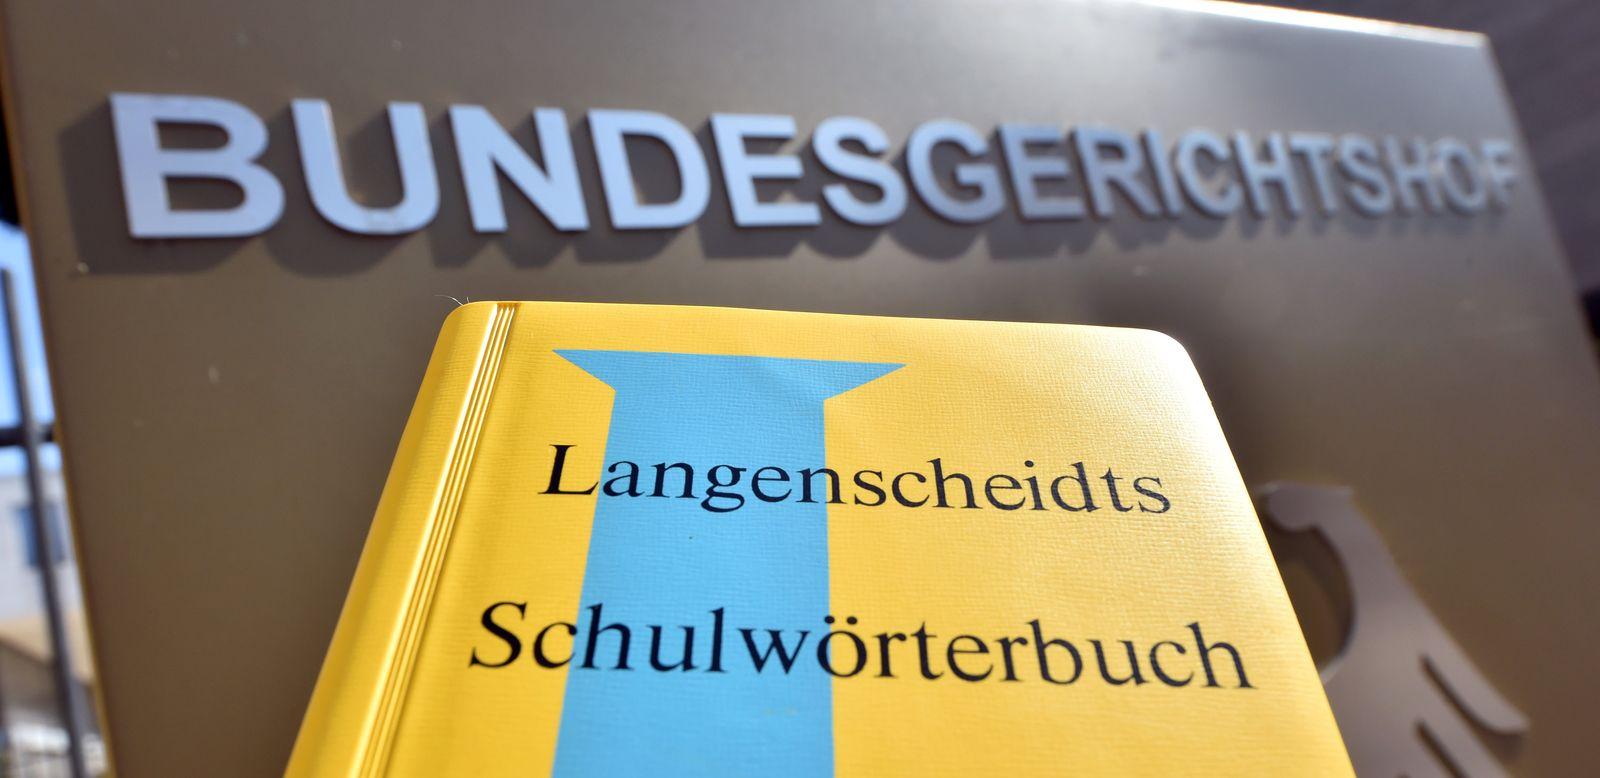 Langenscheidt / BGH